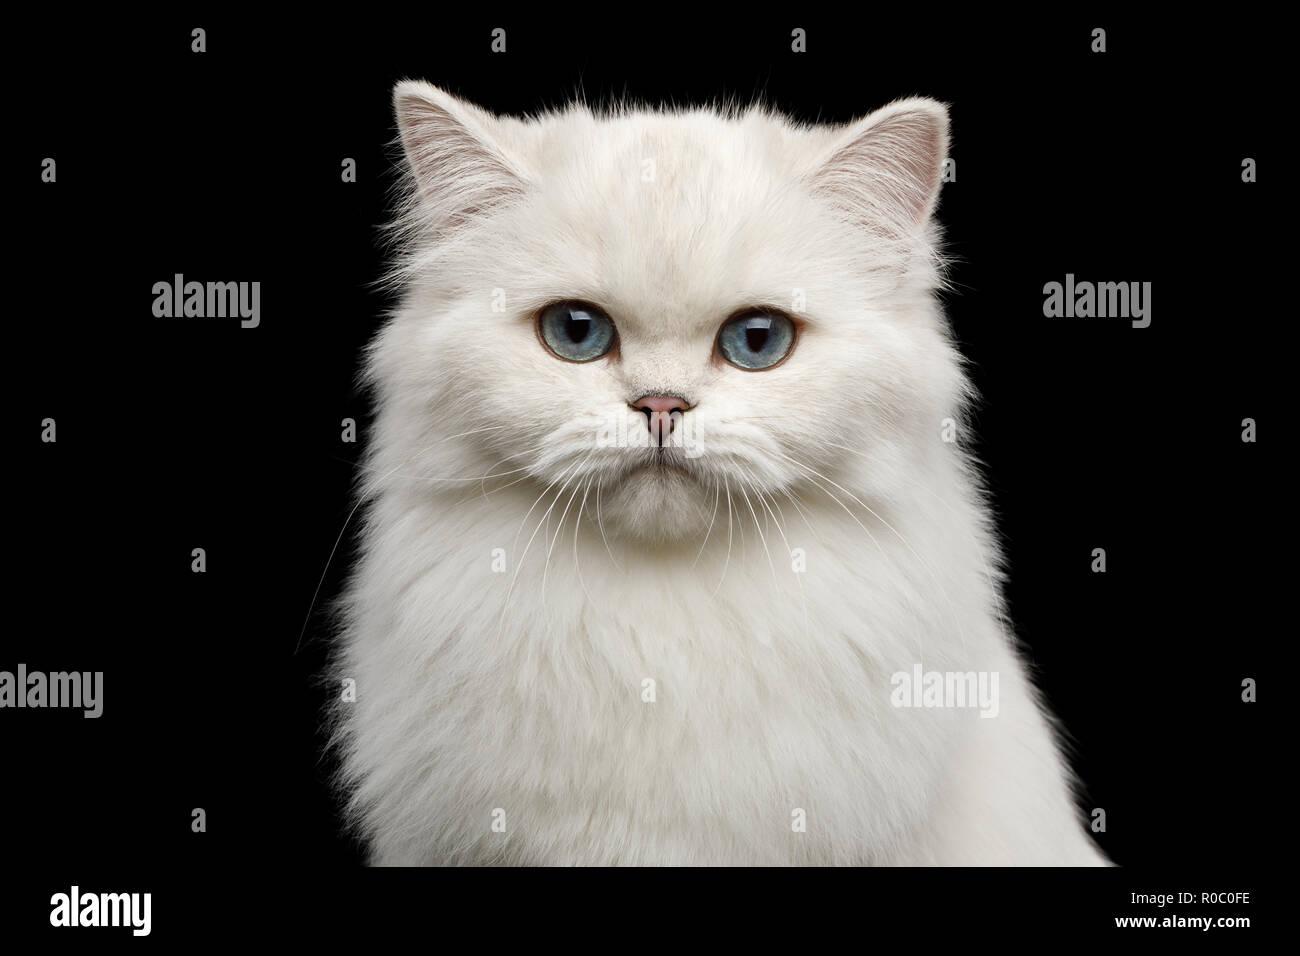 Retrato de raza británica Cat, color blanco puro, con ojos azules, mirando a la cámara aislada sobre fondo negro, vista frontal Imagen De Stock